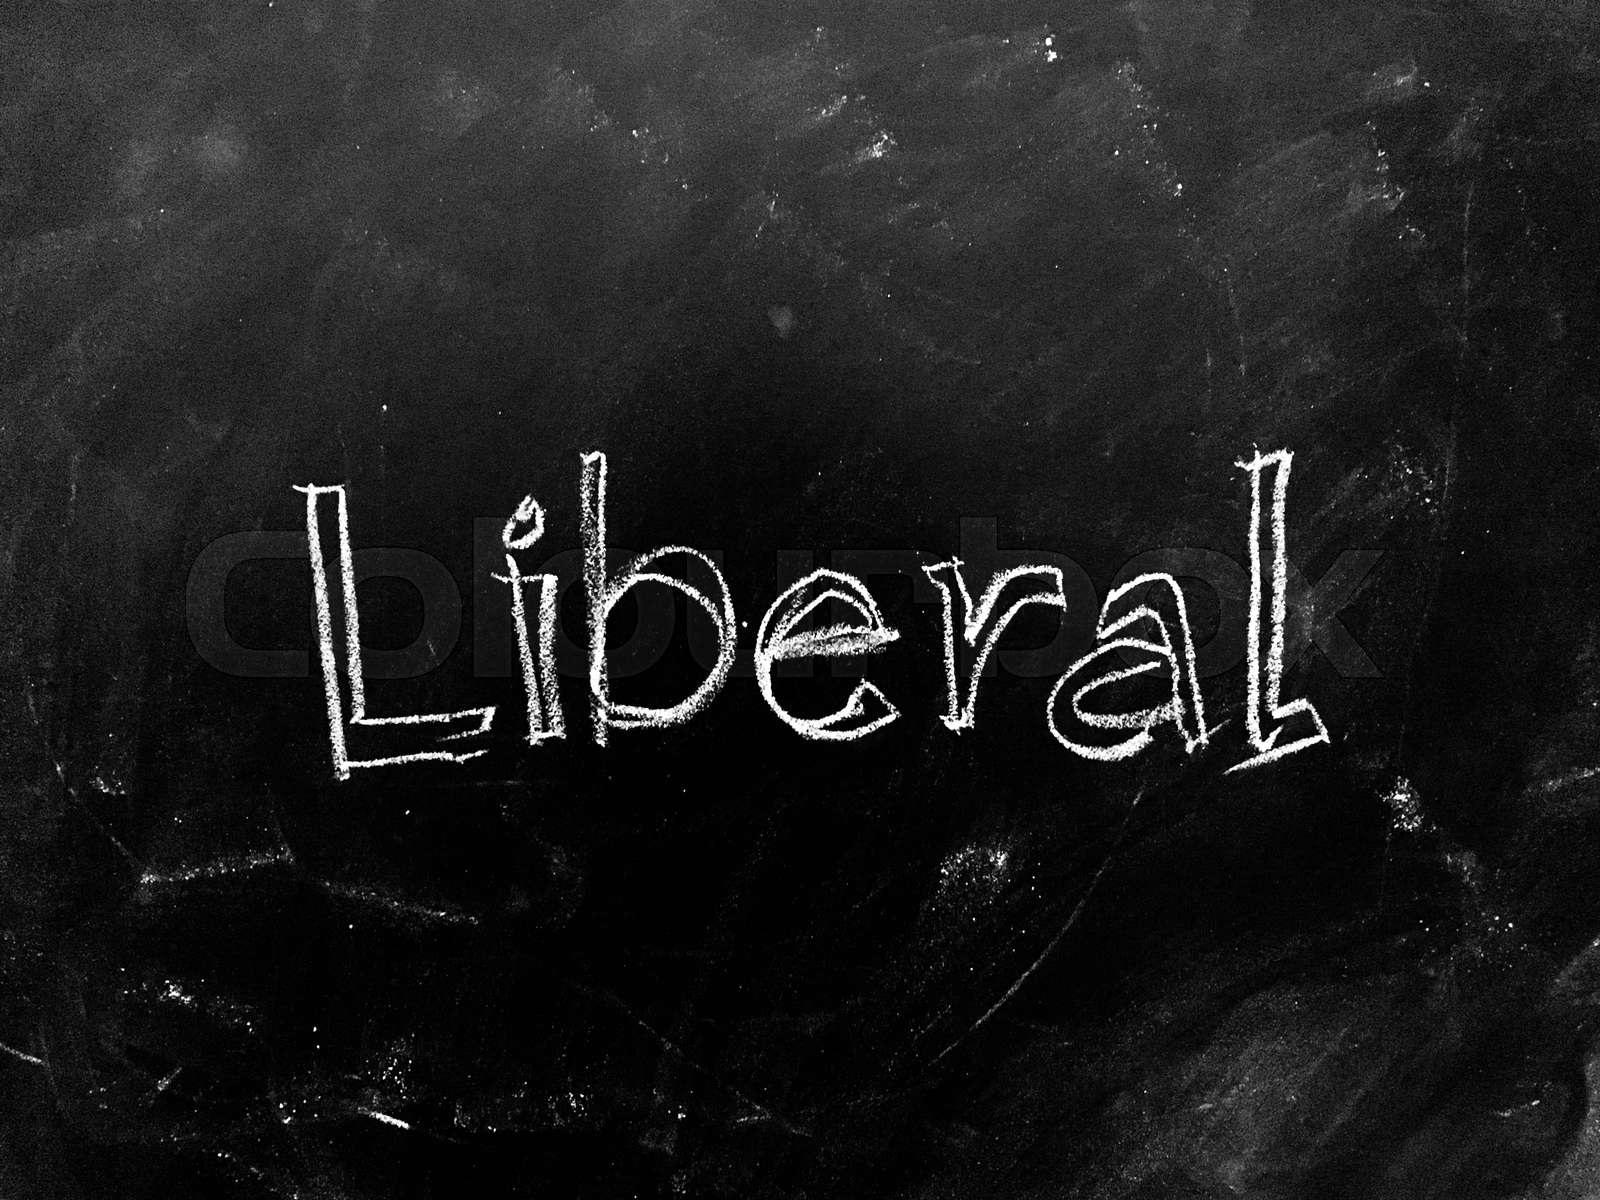 Læs om liberalisme og liberal politik på Venstres skoleweb.